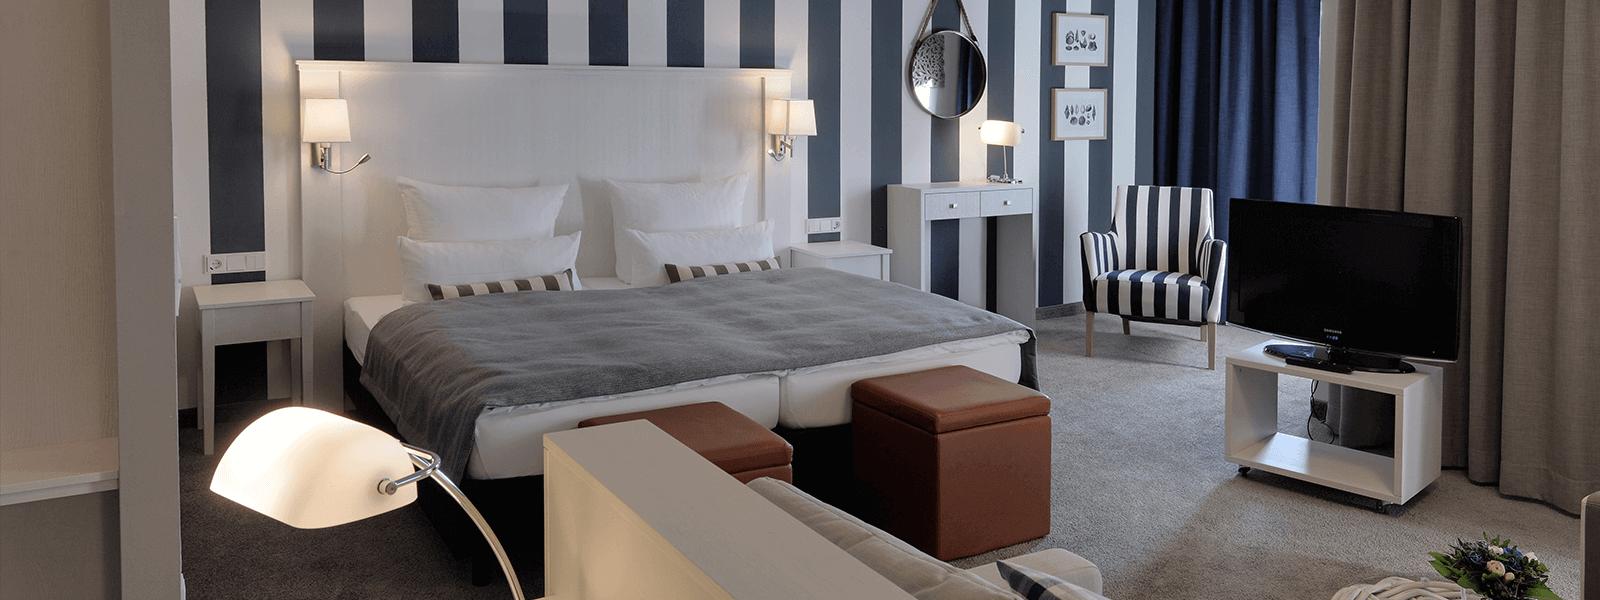 Suite Hotel Regina Maris, Hotel Regina Maris, Norden-Norddeich, Nordsee, Ostfriesland, Urlaub zu Zweit, Nordseeurlaub, Urlaub am Meer,